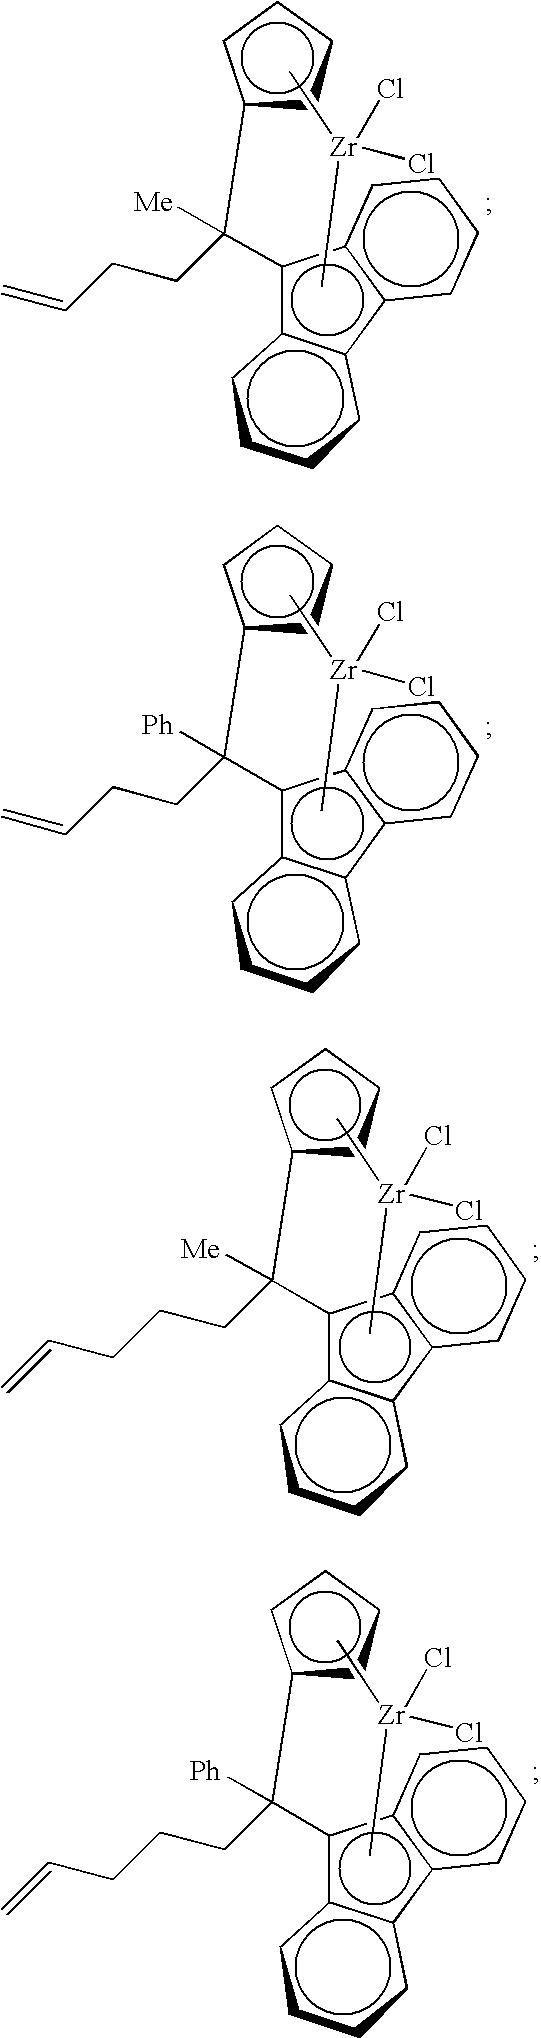 Figure US20050288461A1-20051229-C00015